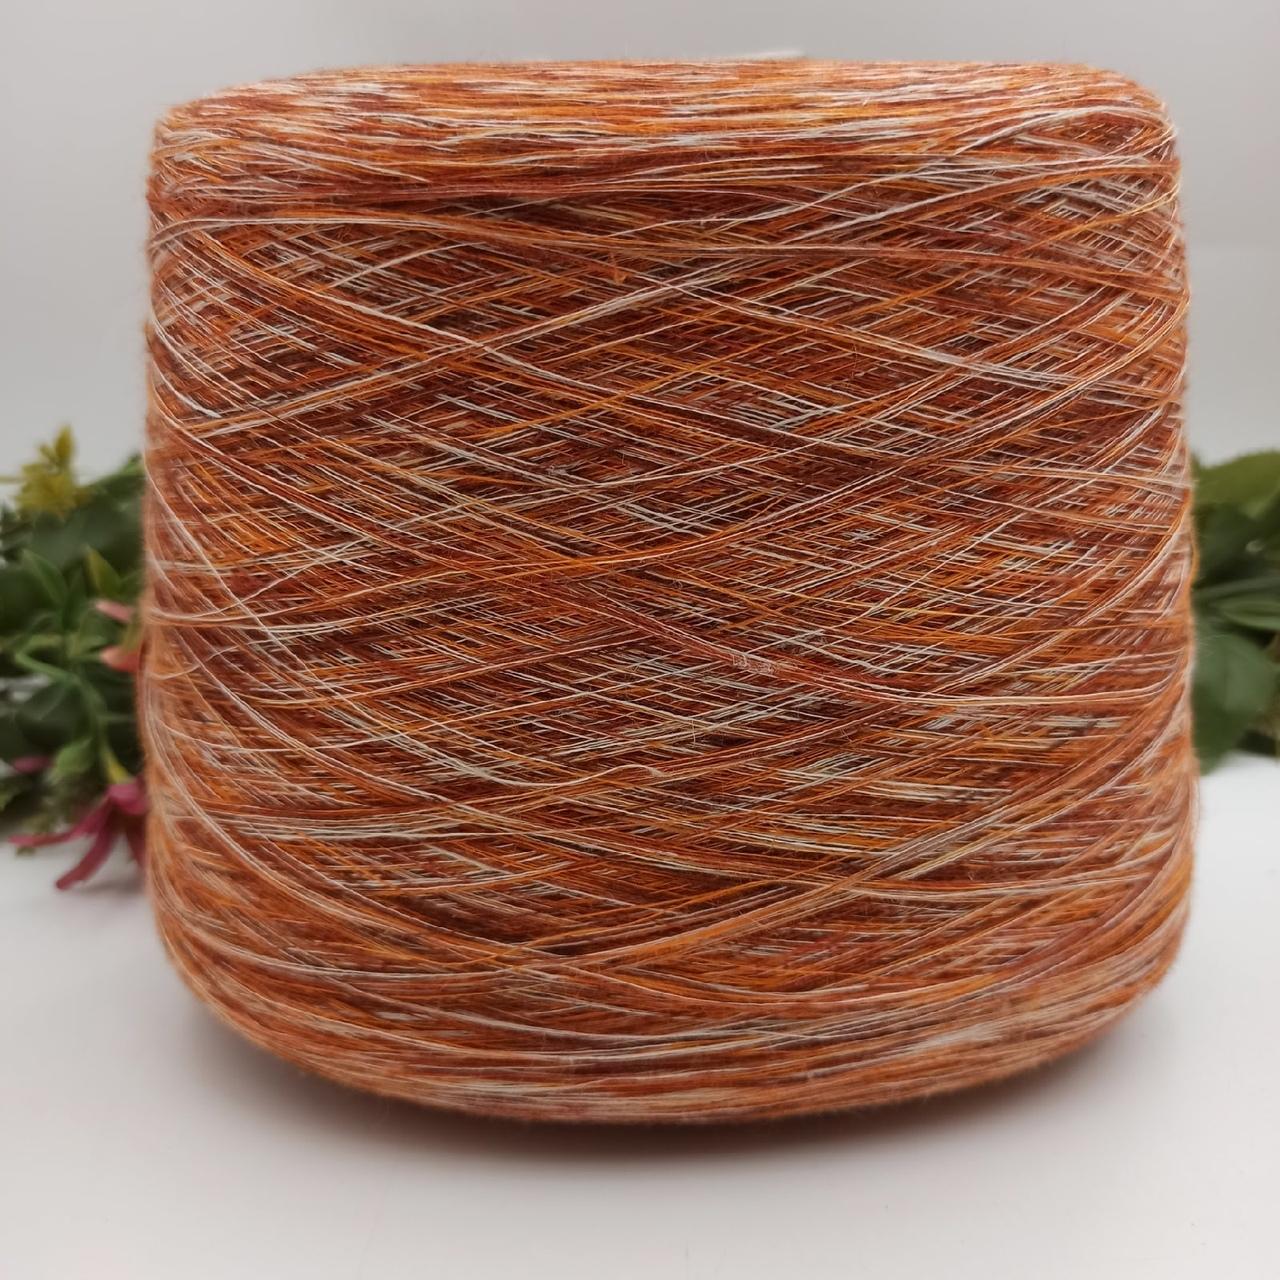 Бобинная пряжа 100% лен окрашен короткими секциями оранжевый